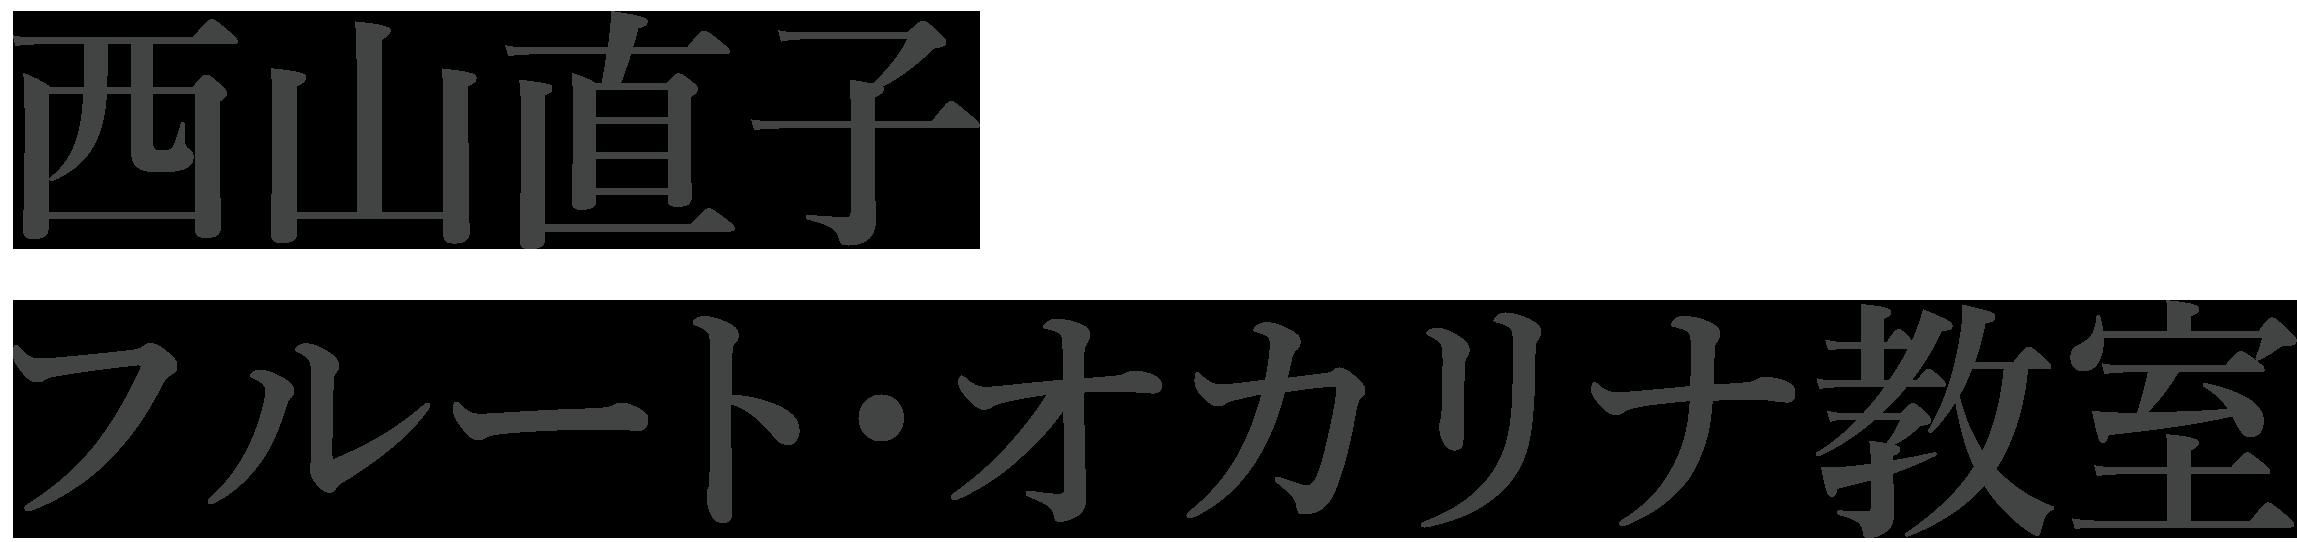 西山直子フルート・オカリナ教室|新潟市東区